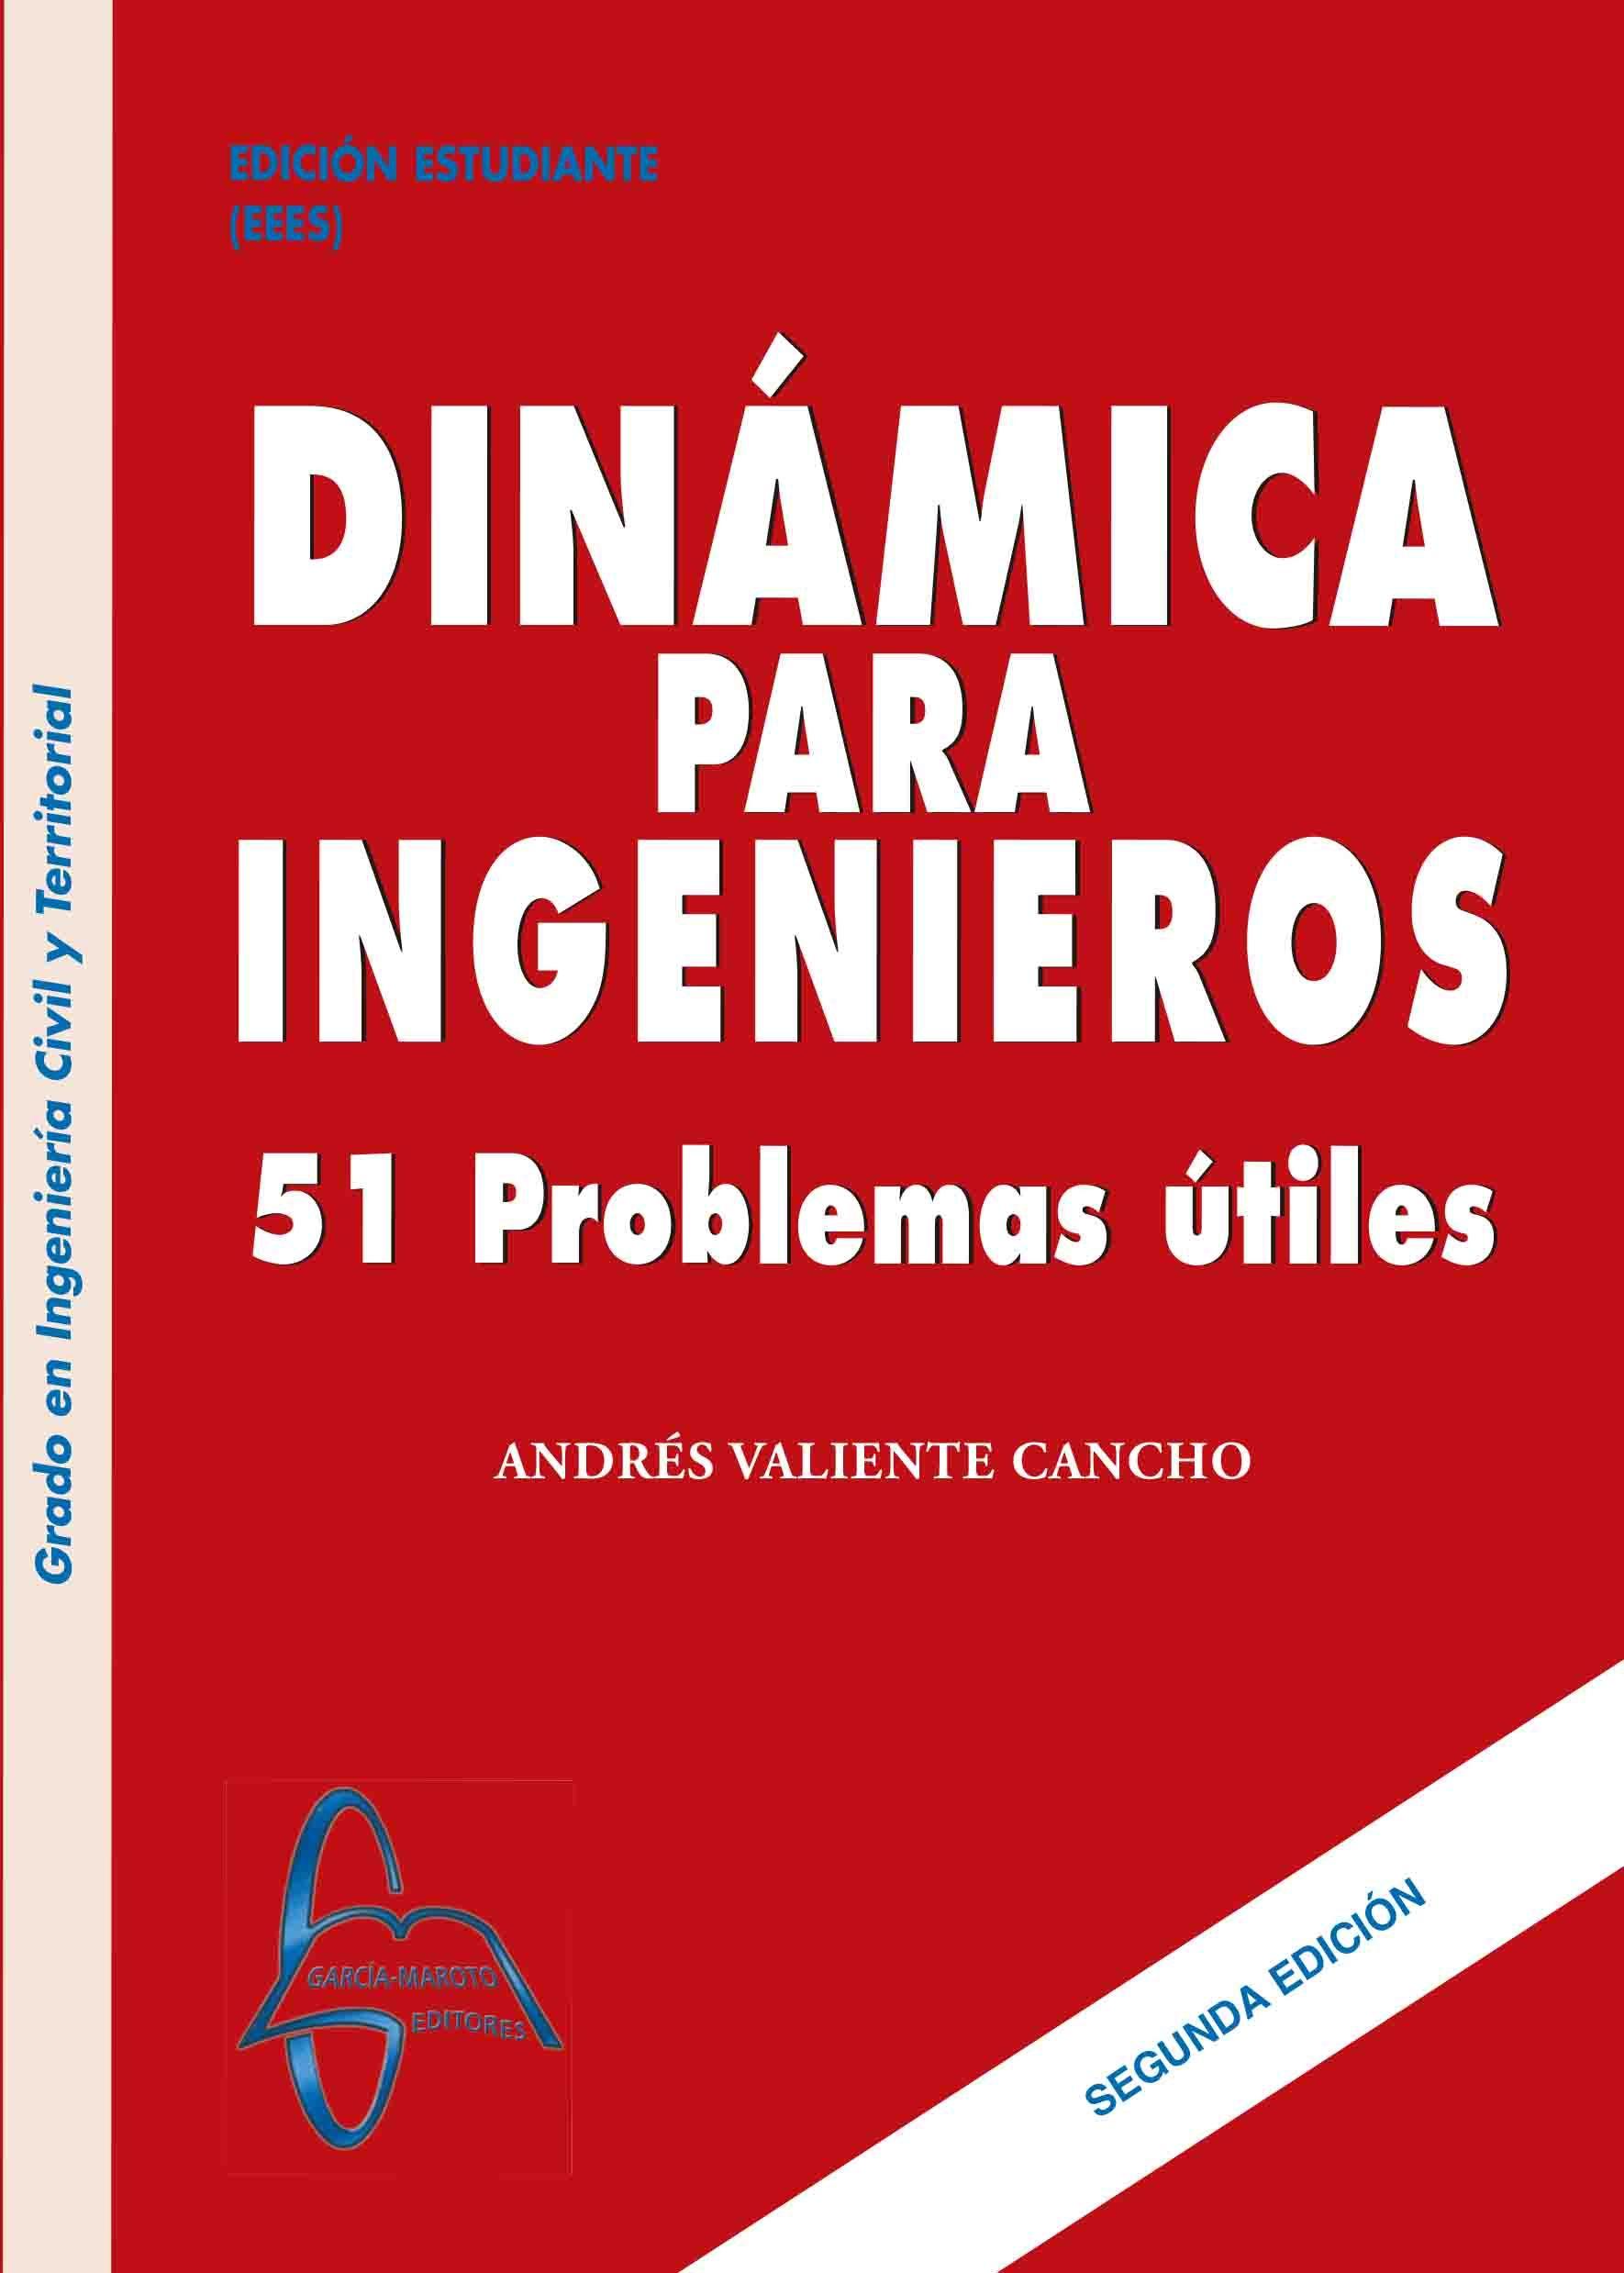 Dinámica Para Ingenieros 2ed 51 Problemas útiles Autor Andrés Valiente Cancho Editorial García Maroto Editores Ingeniero Informatica Programacion Ingenieria